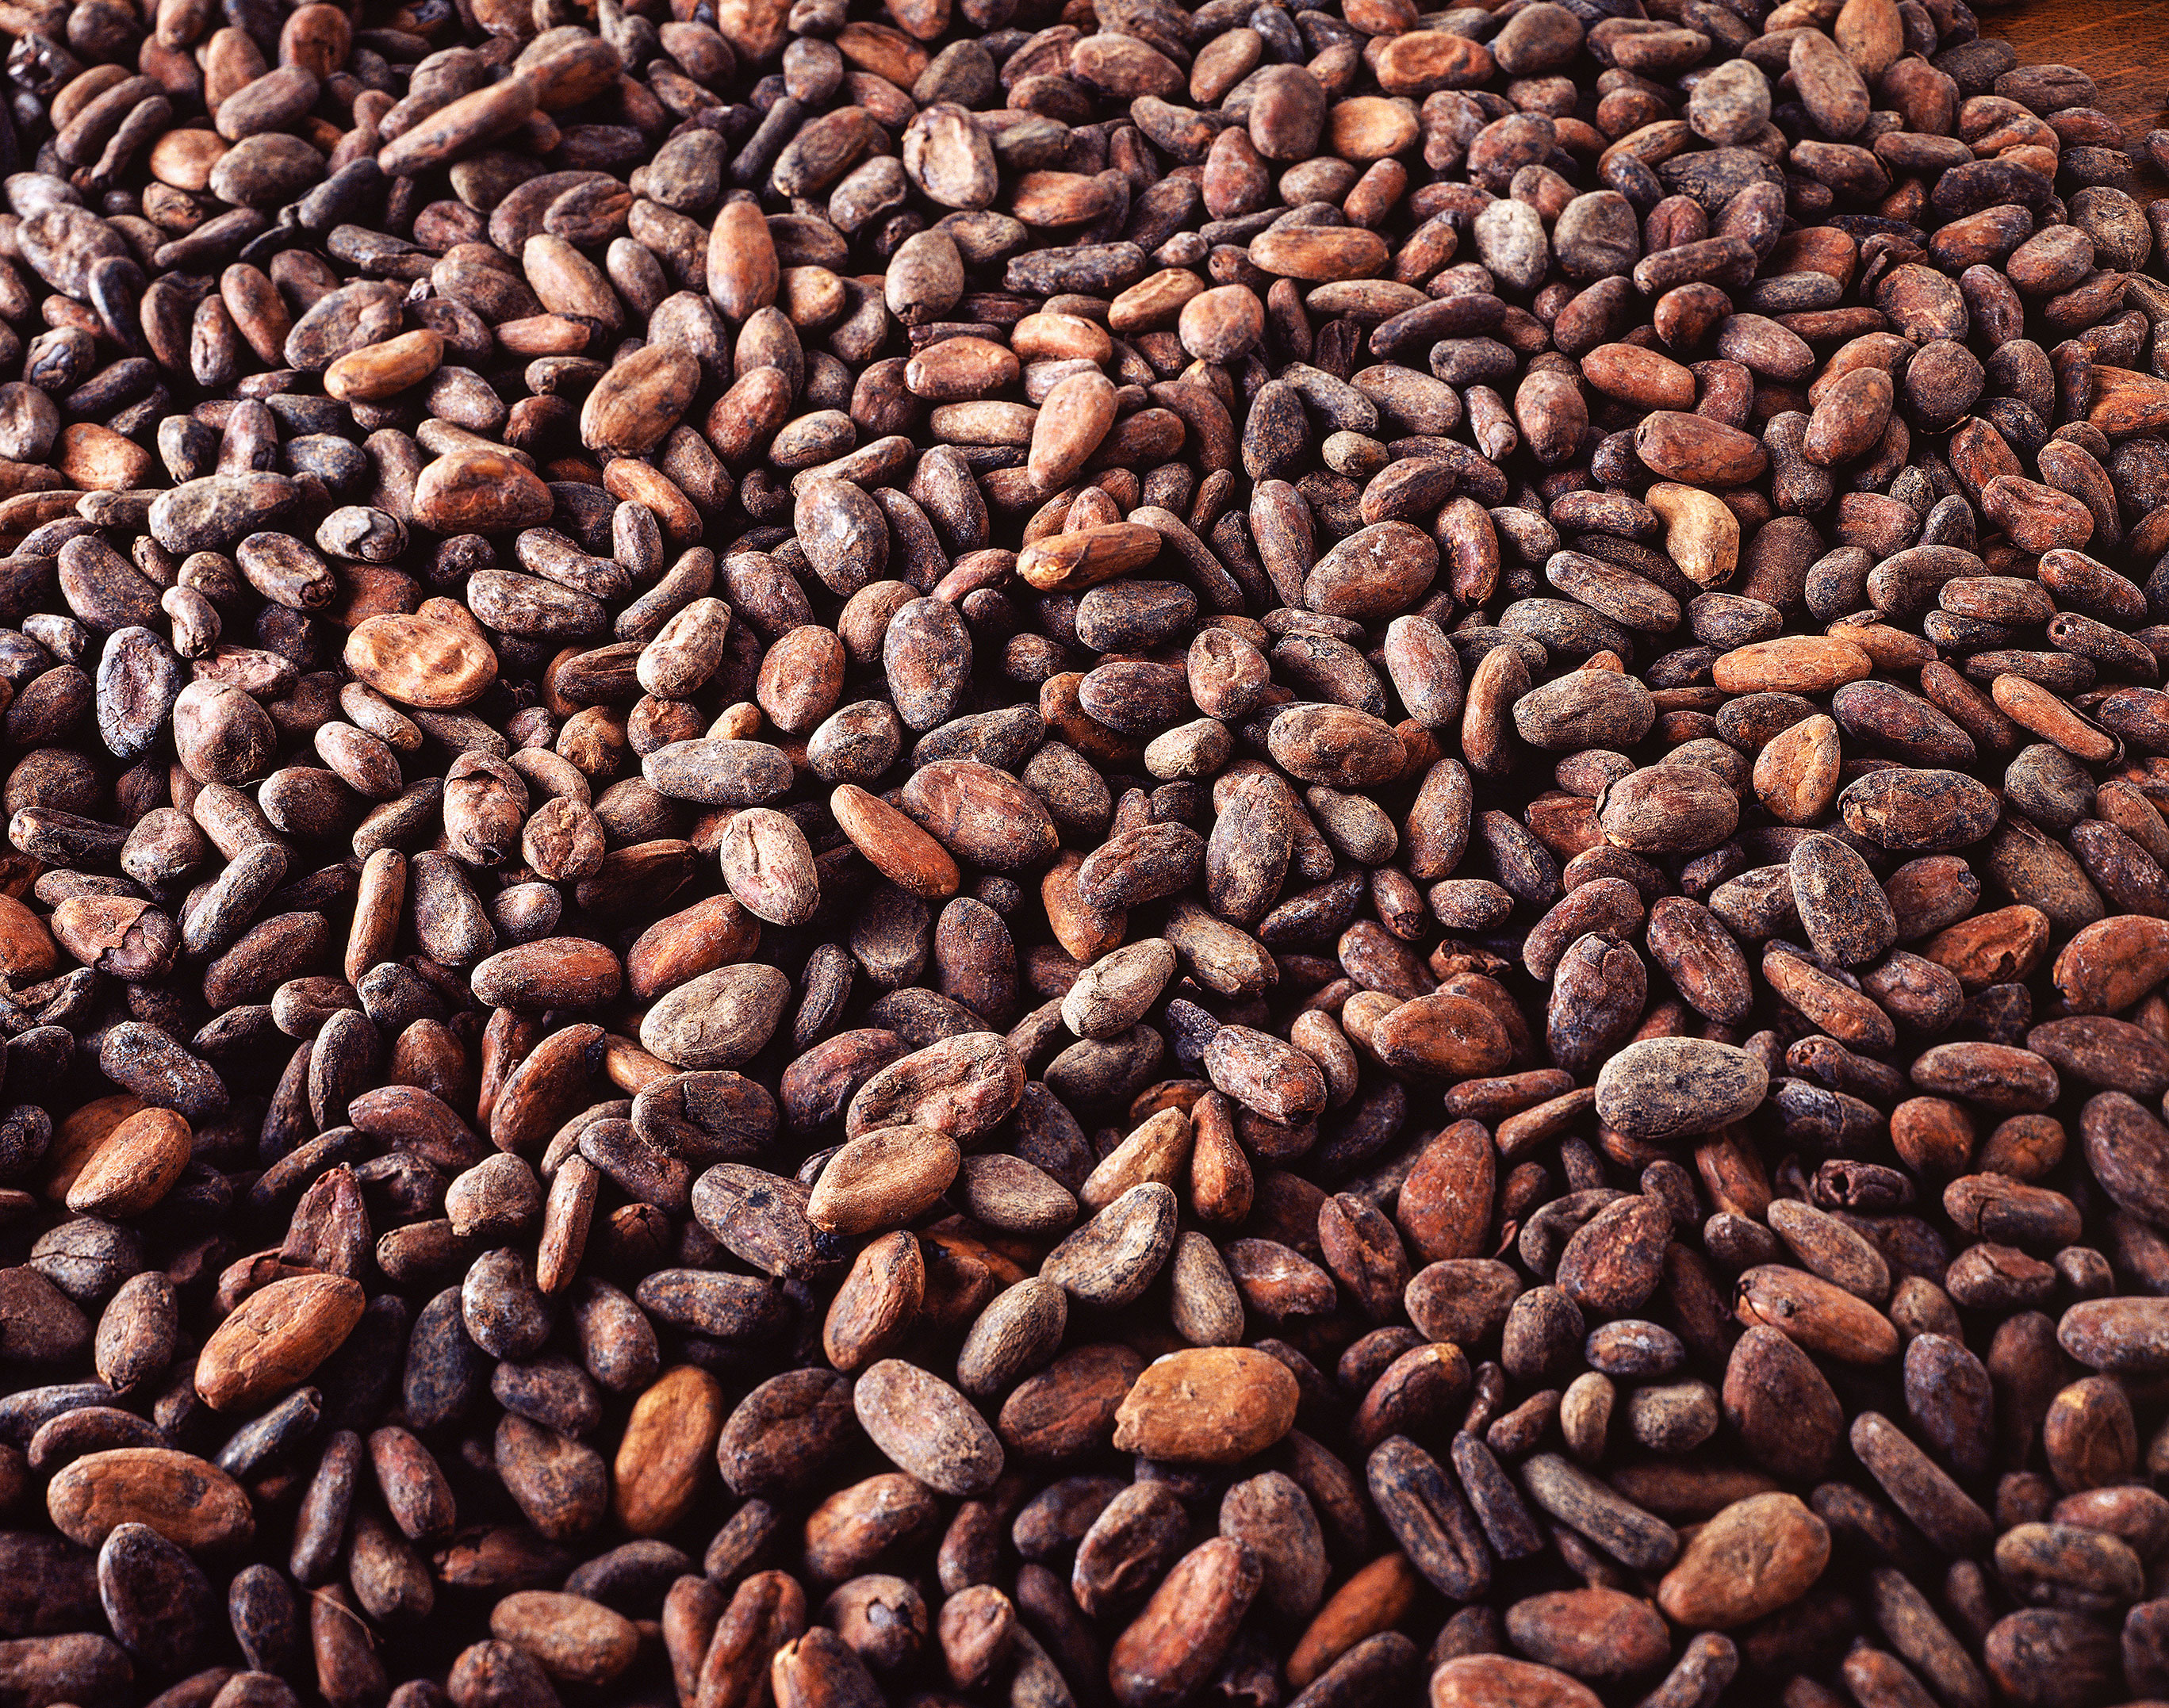 Cargill производит различную продукцию из какао и шоколада.